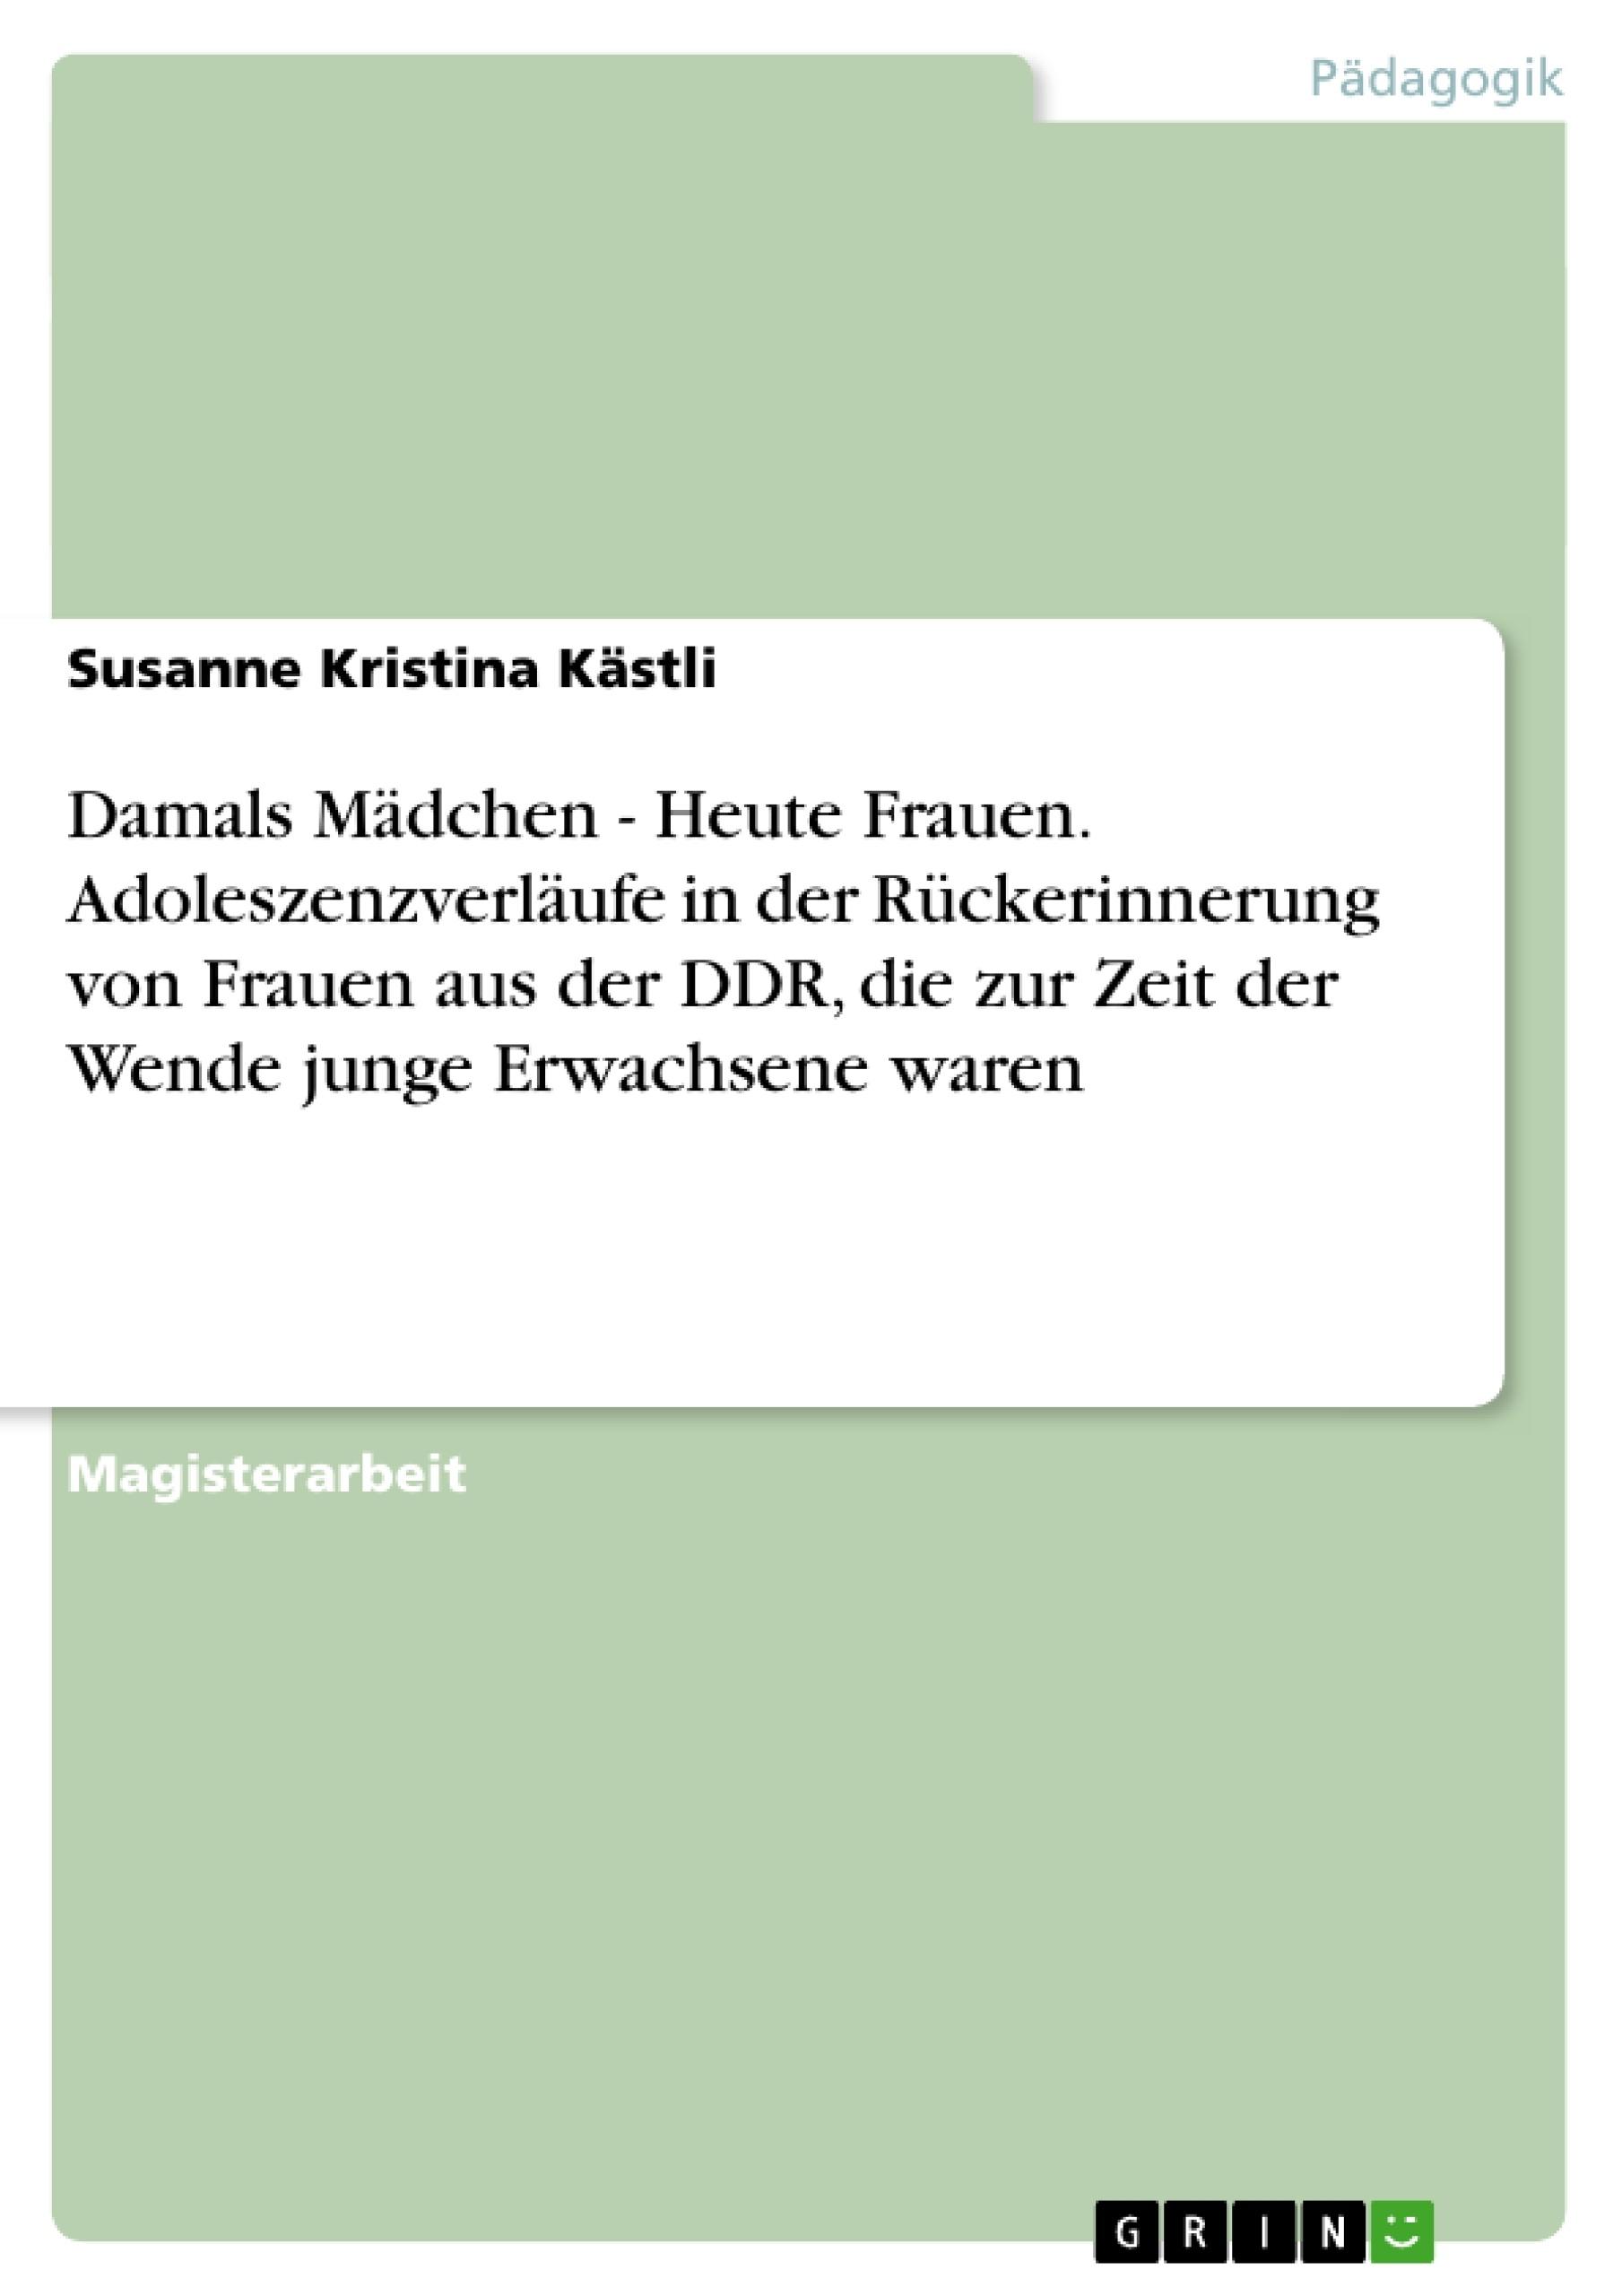 Titel: Damals Mädchen - Heute Frauen. Adoleszenzverläufe in der Rückerinnerung von Frauen aus der DDR, die zur Zeit der Wende junge Erwachsene waren